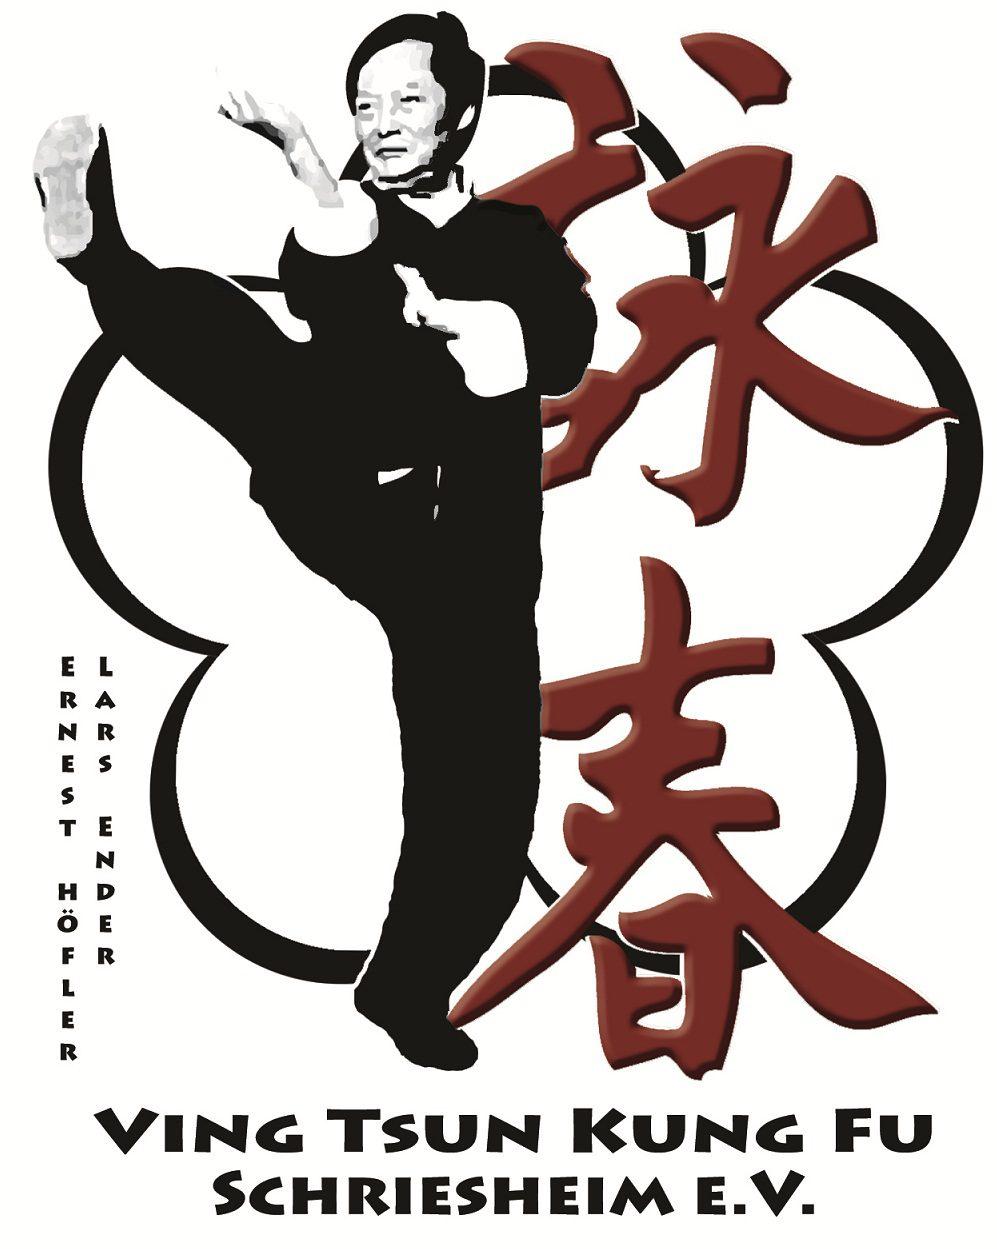 Ving Tsun Kung Fu – Schriesheim e.V.